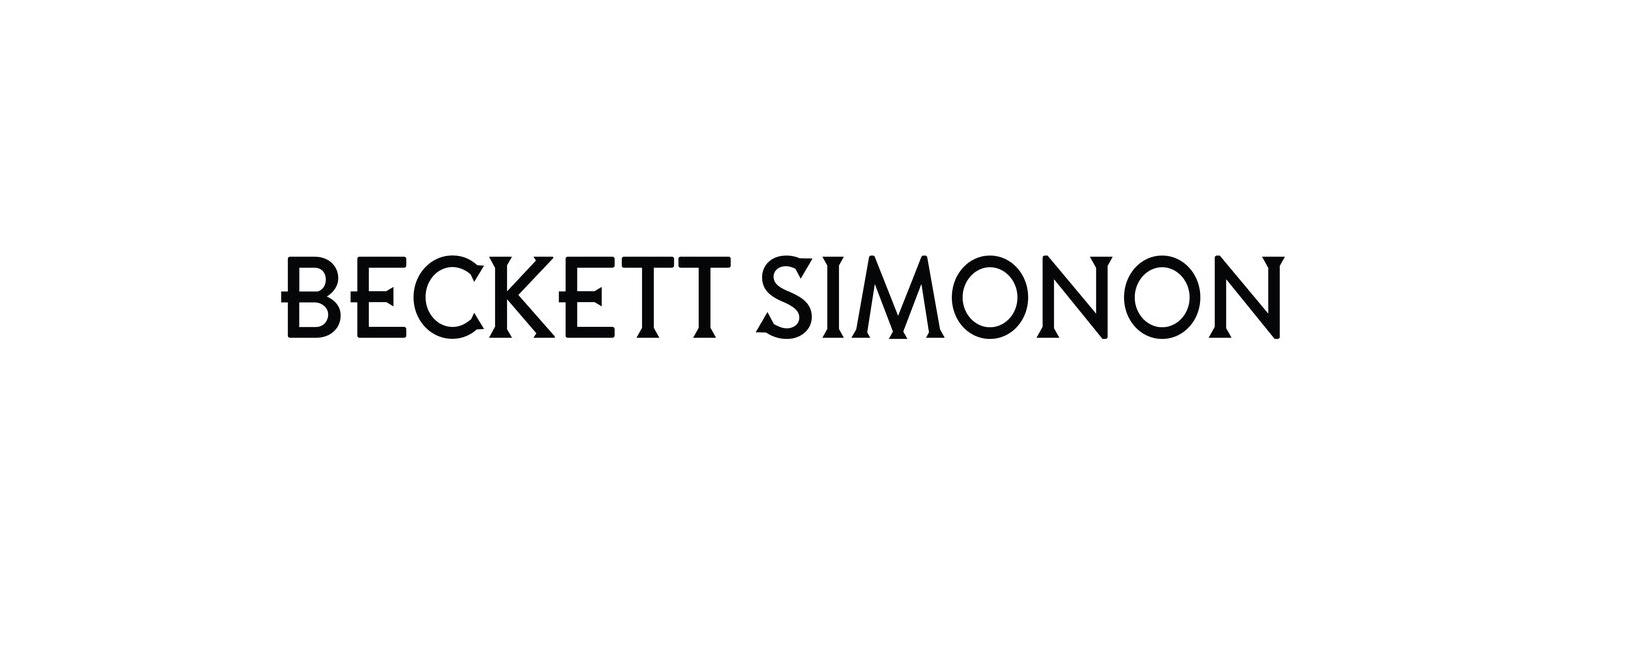 Beckett Simonon Discount Code 2021